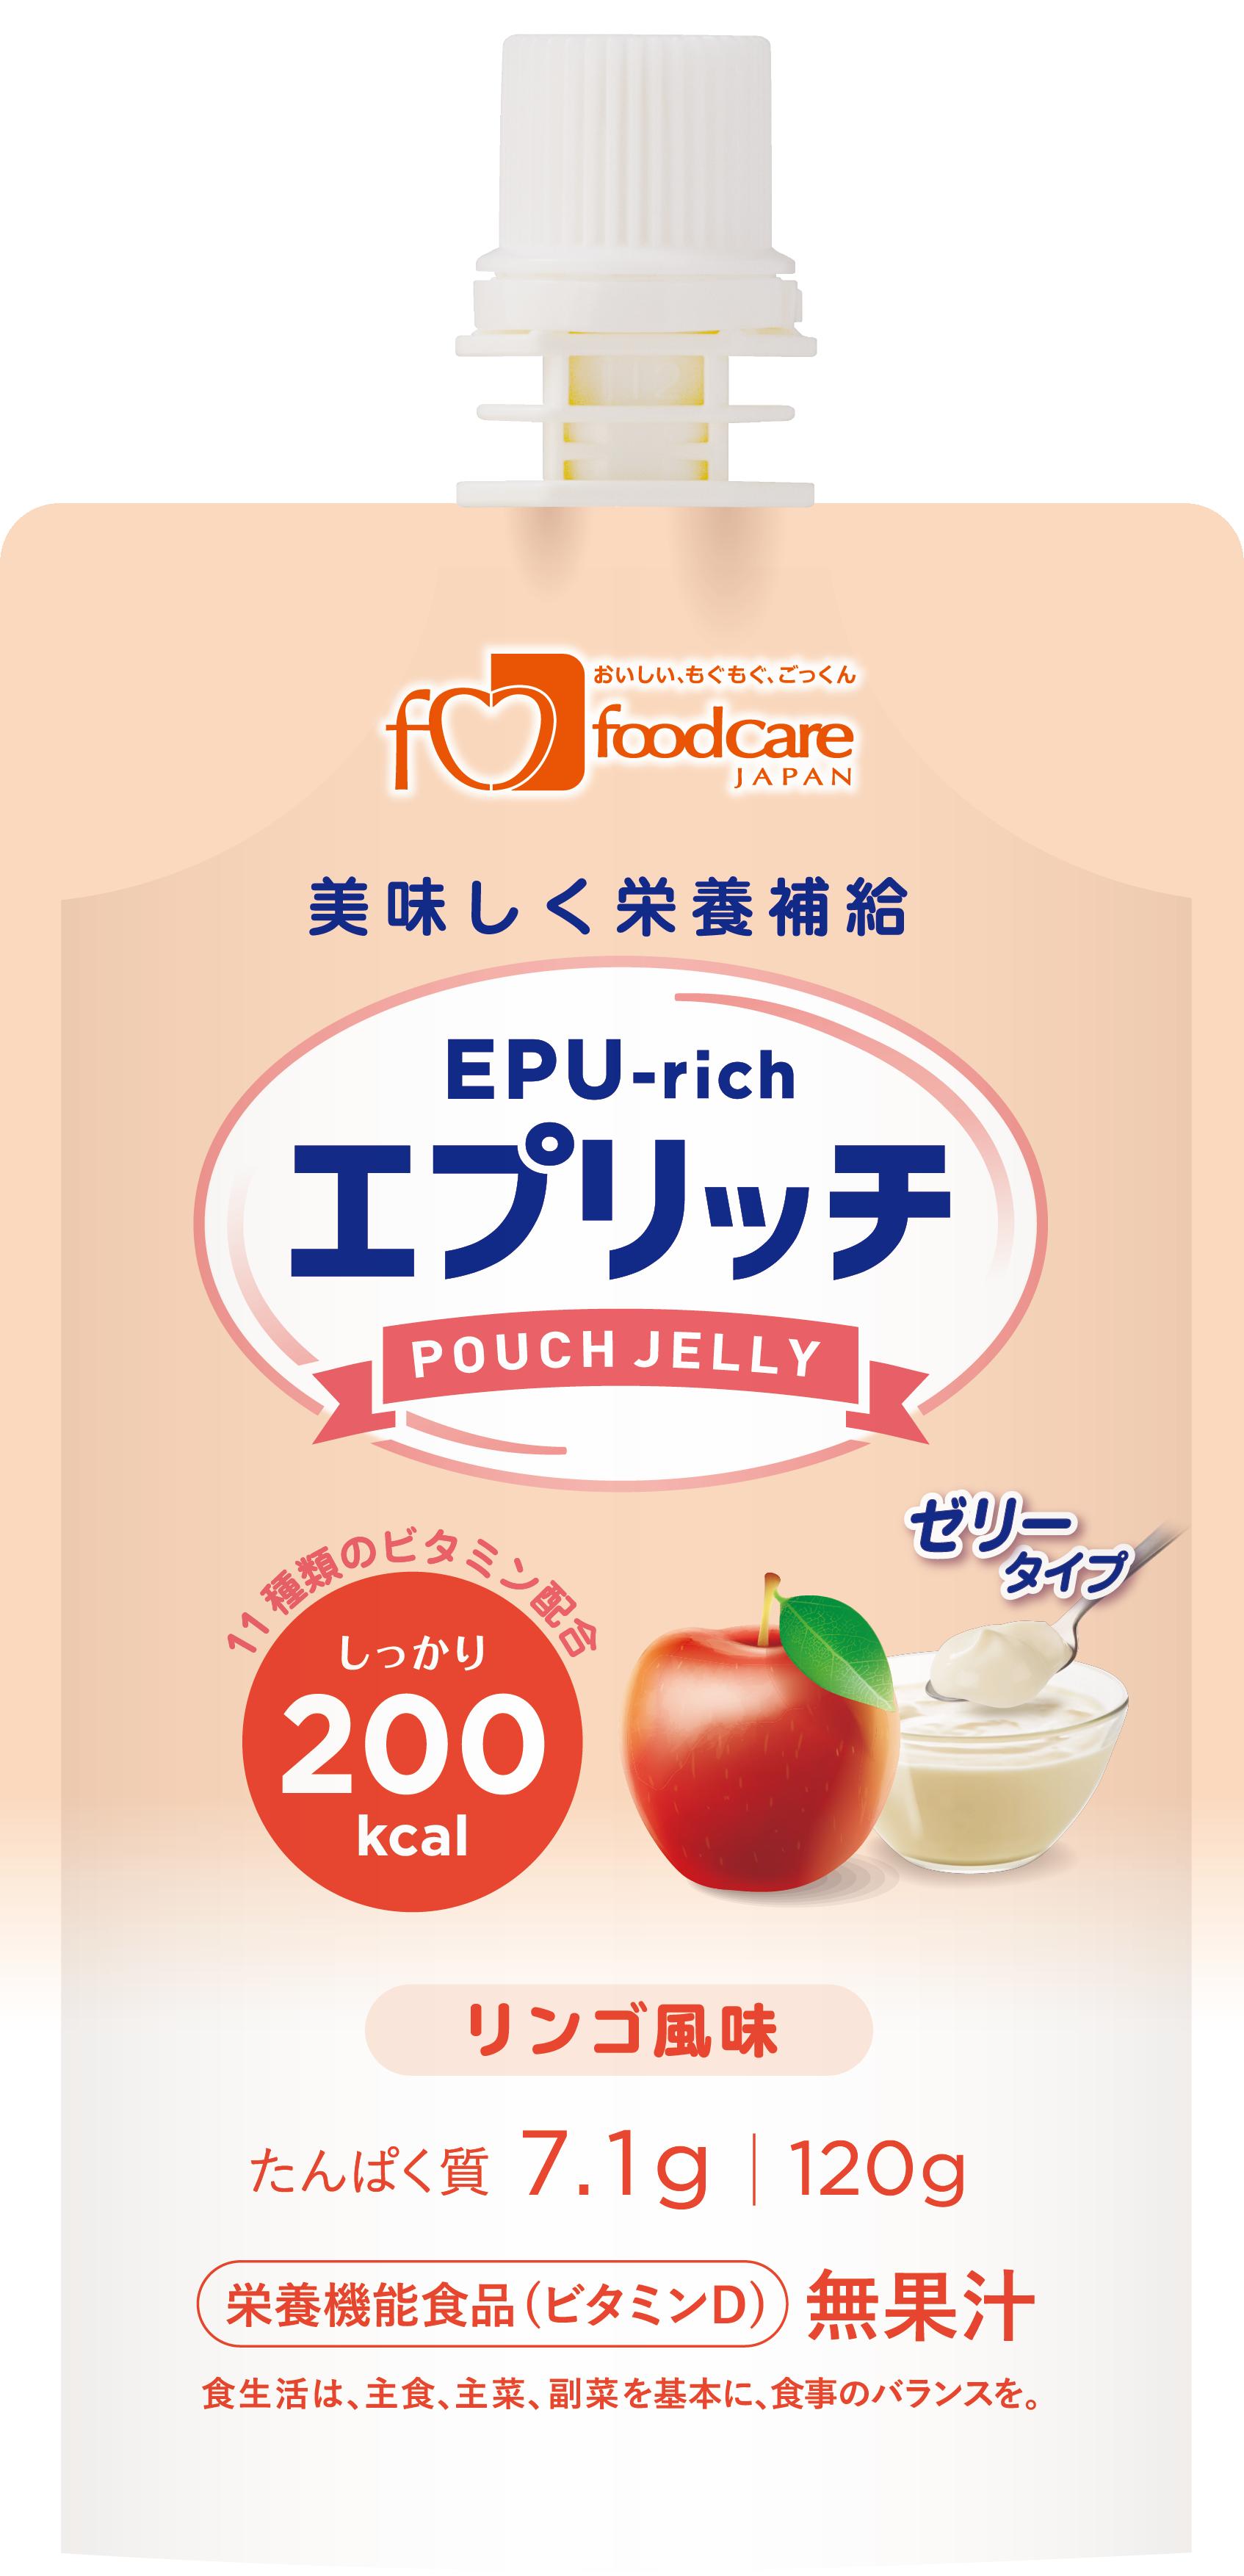 エプリッチパウチゼリー リンゴ風味 120g×36